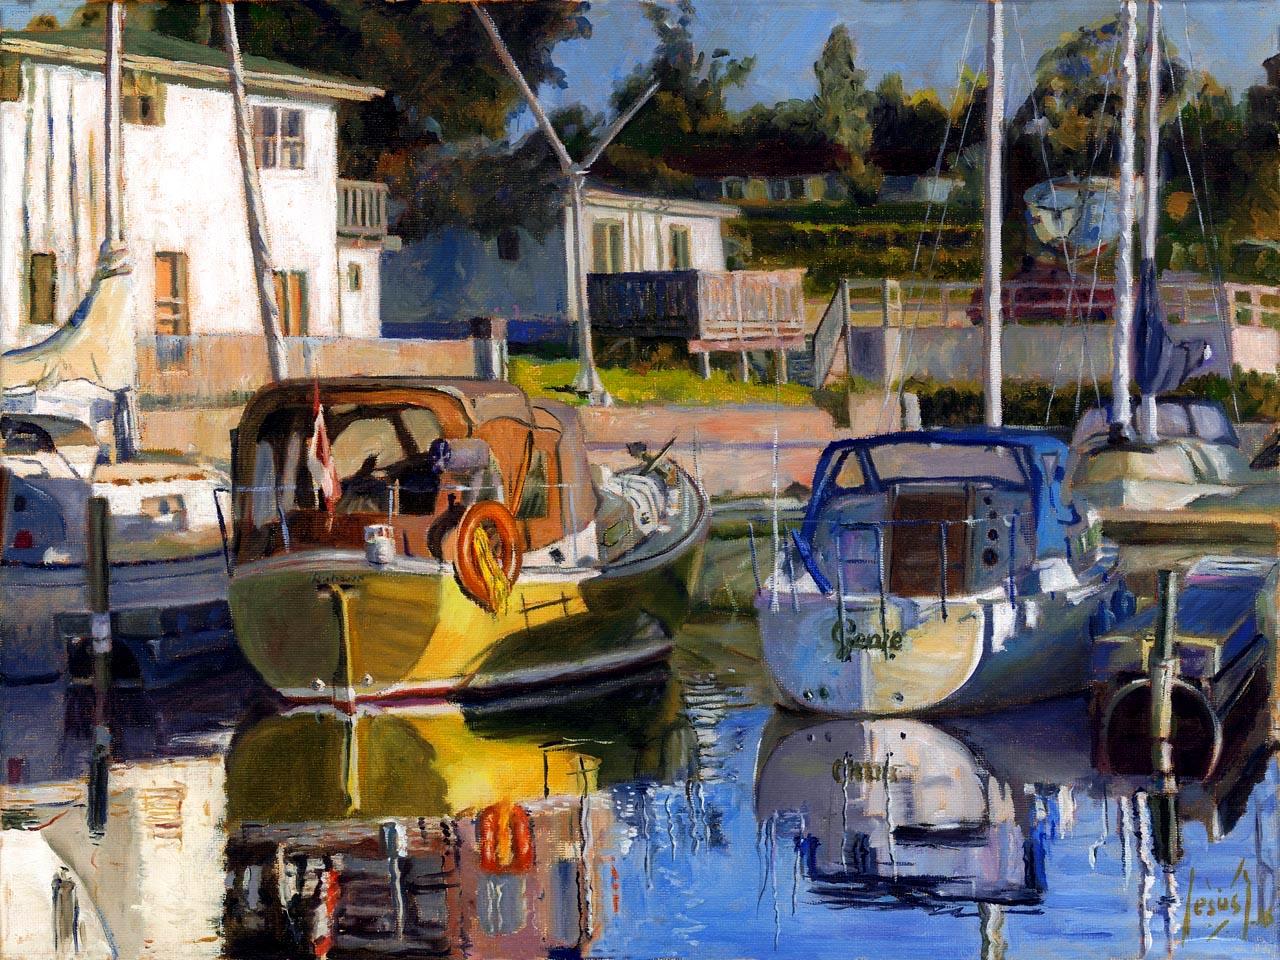 Jesus Estevez - Genie and the Yellow Boat